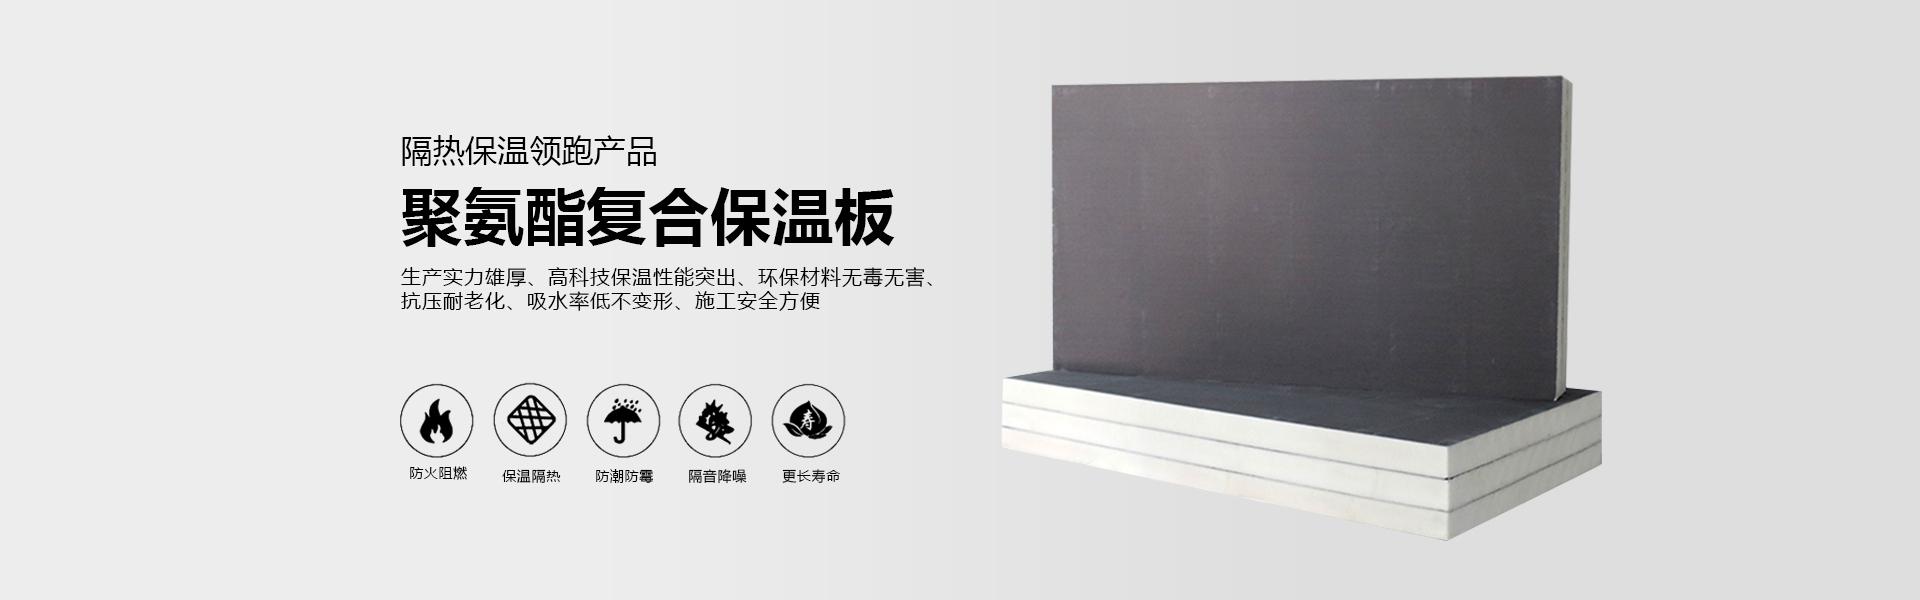 烟台岩棉板,山东岩棉板厂家,烟台保温材料,威海保温材料,烟台保温施工,烟台橡塑保温材料,